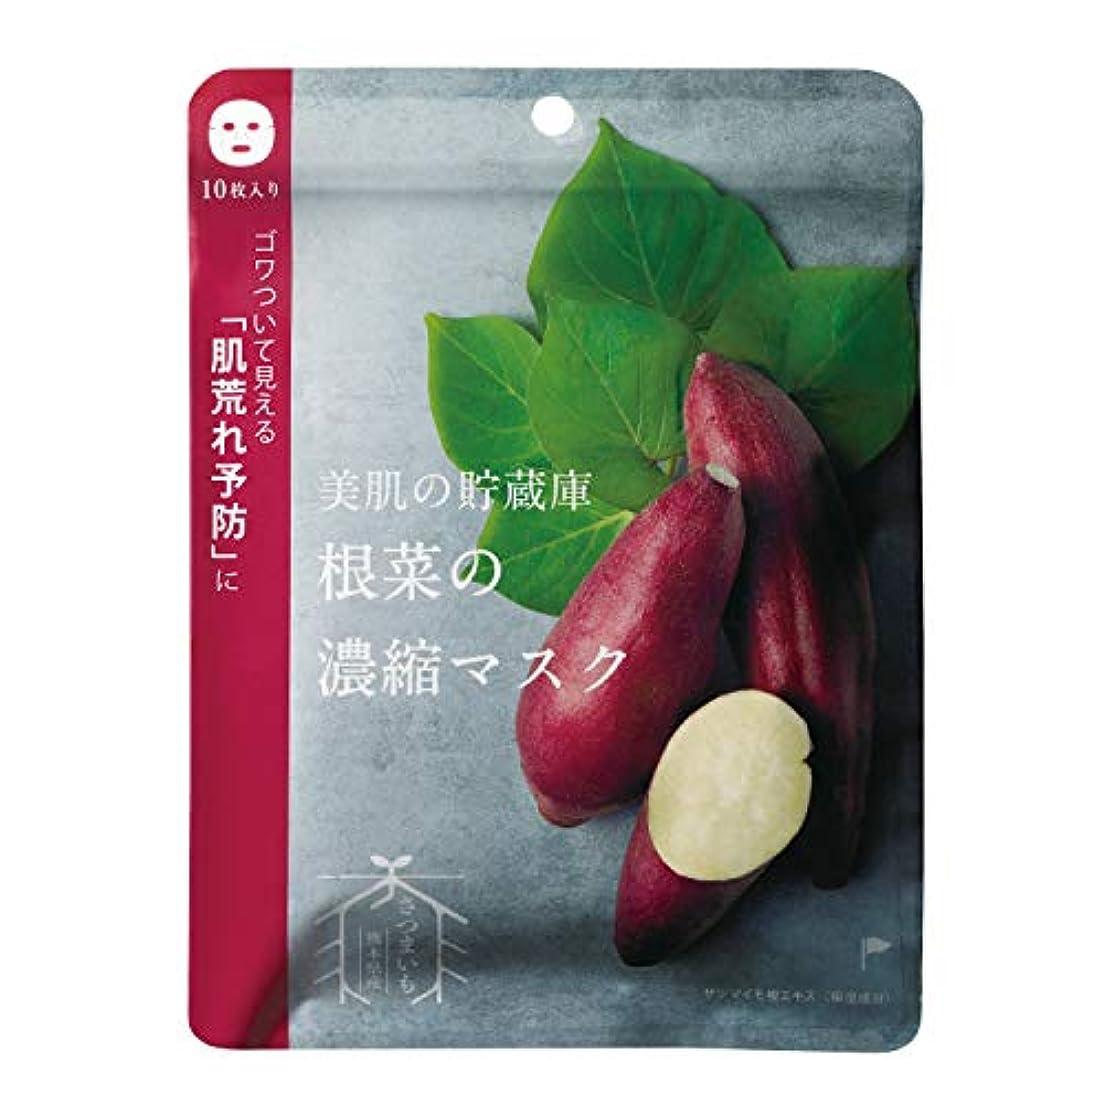 ブリークマークダウンアレルギー@cosme nippon 美肌の貯蔵庫 根菜の濃縮マスク 安納いも 10枚 160ml